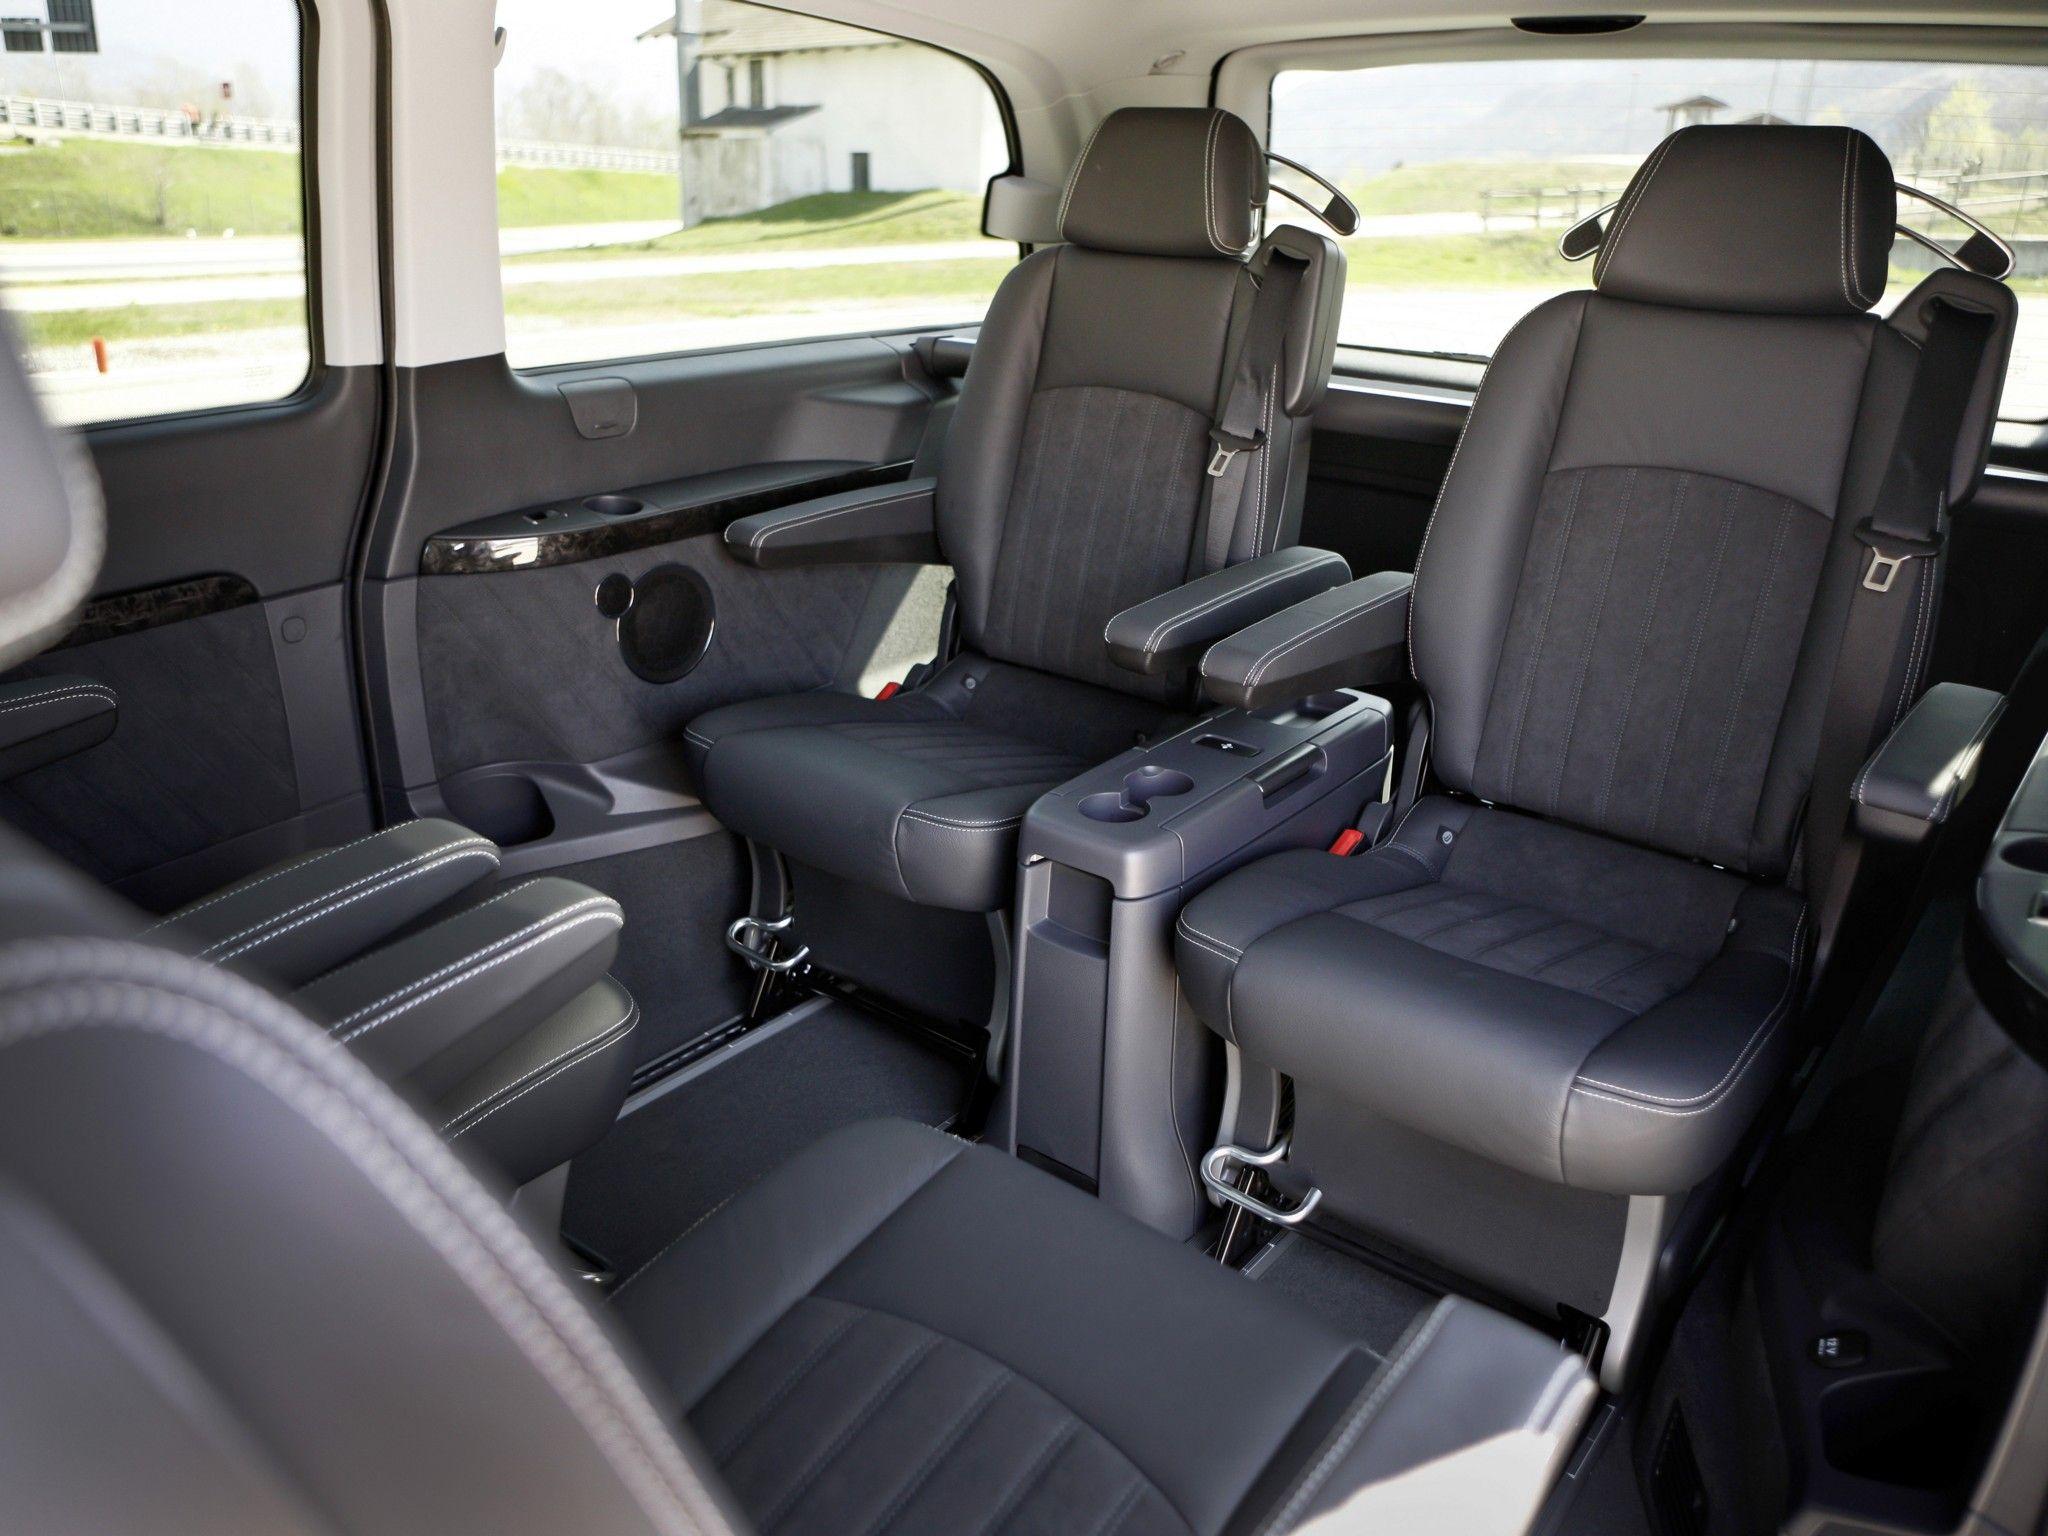 Mercedes Benz Viano Van